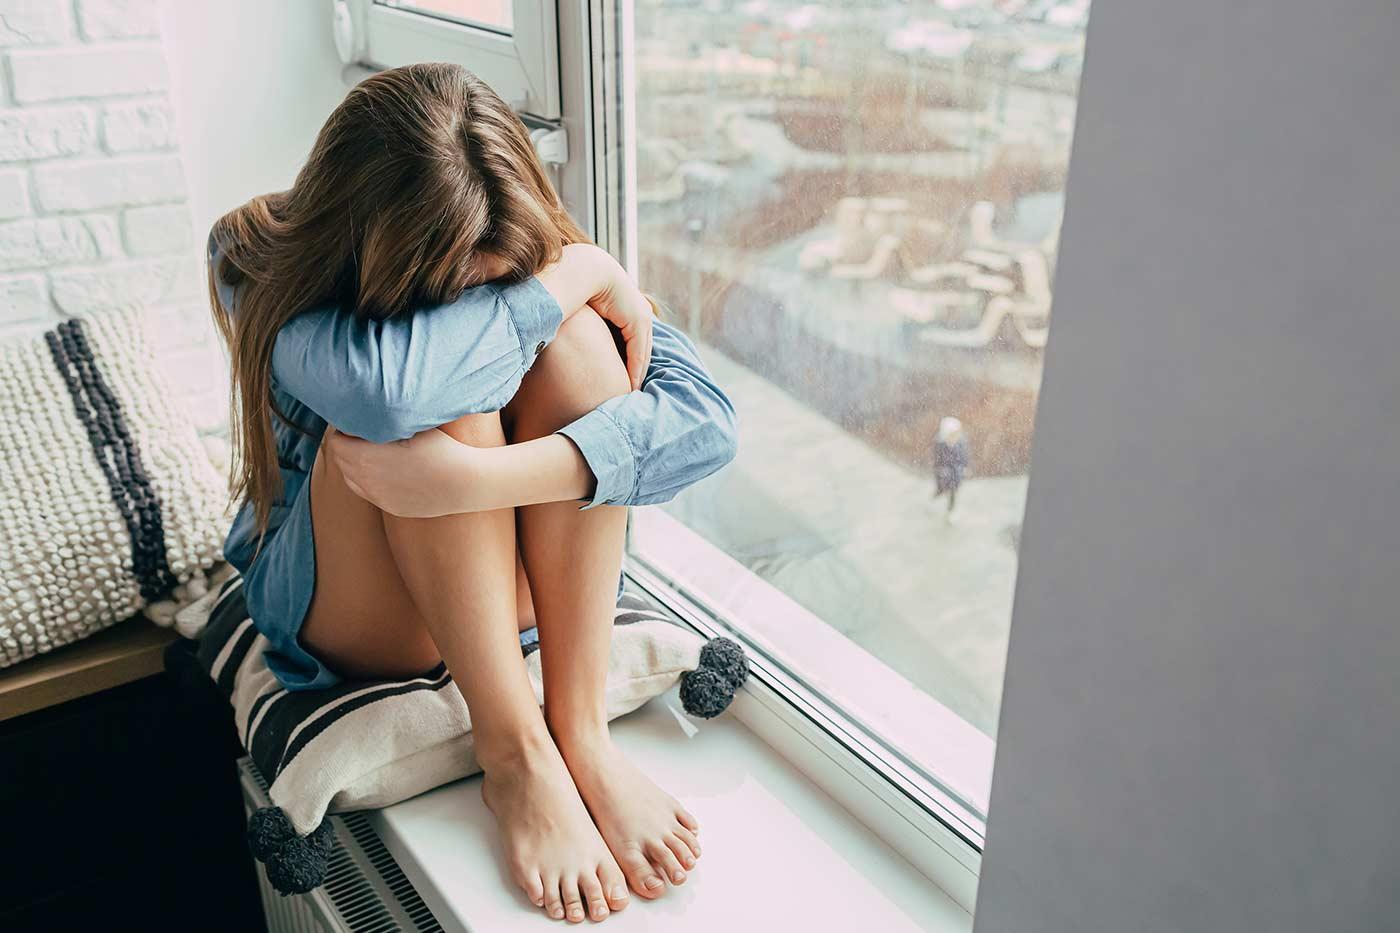 Mujer triste tras una ruptura con su pareja